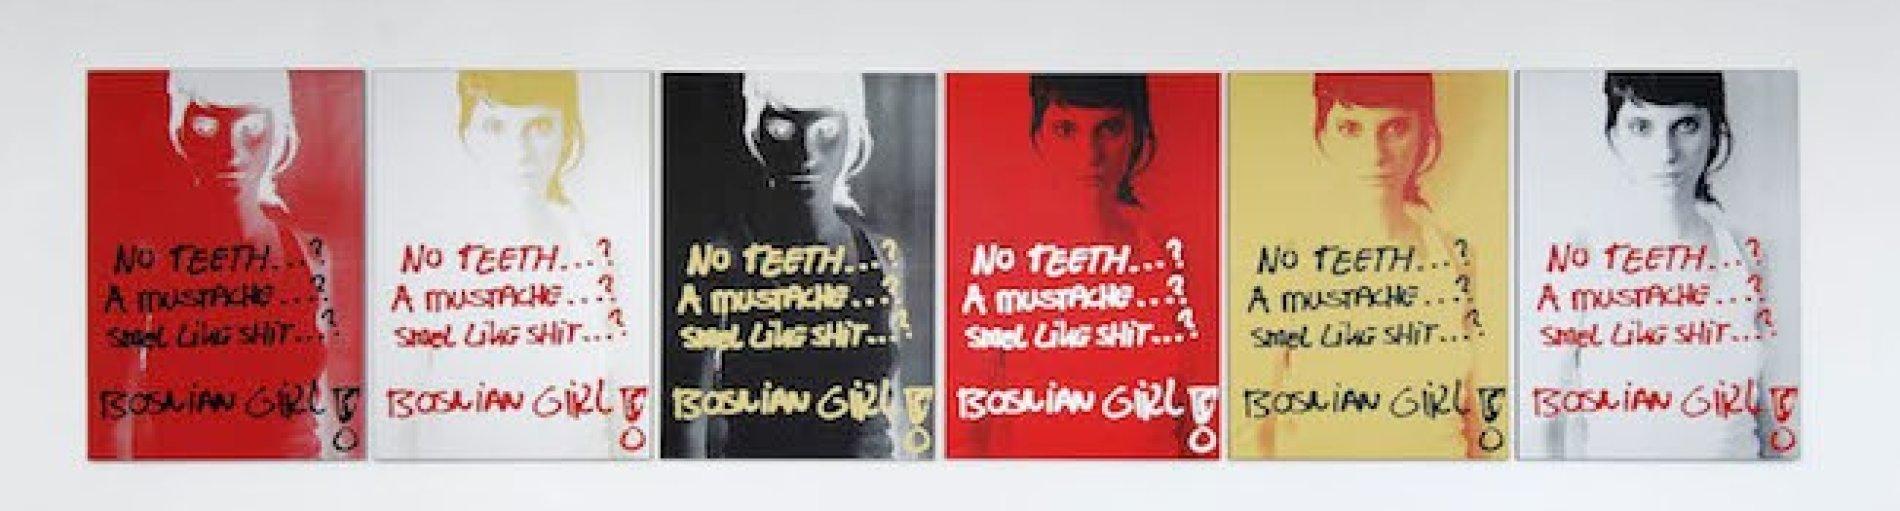 Plakat von einer Frau in verschiedenen Farben mit einem Spruch versehen.